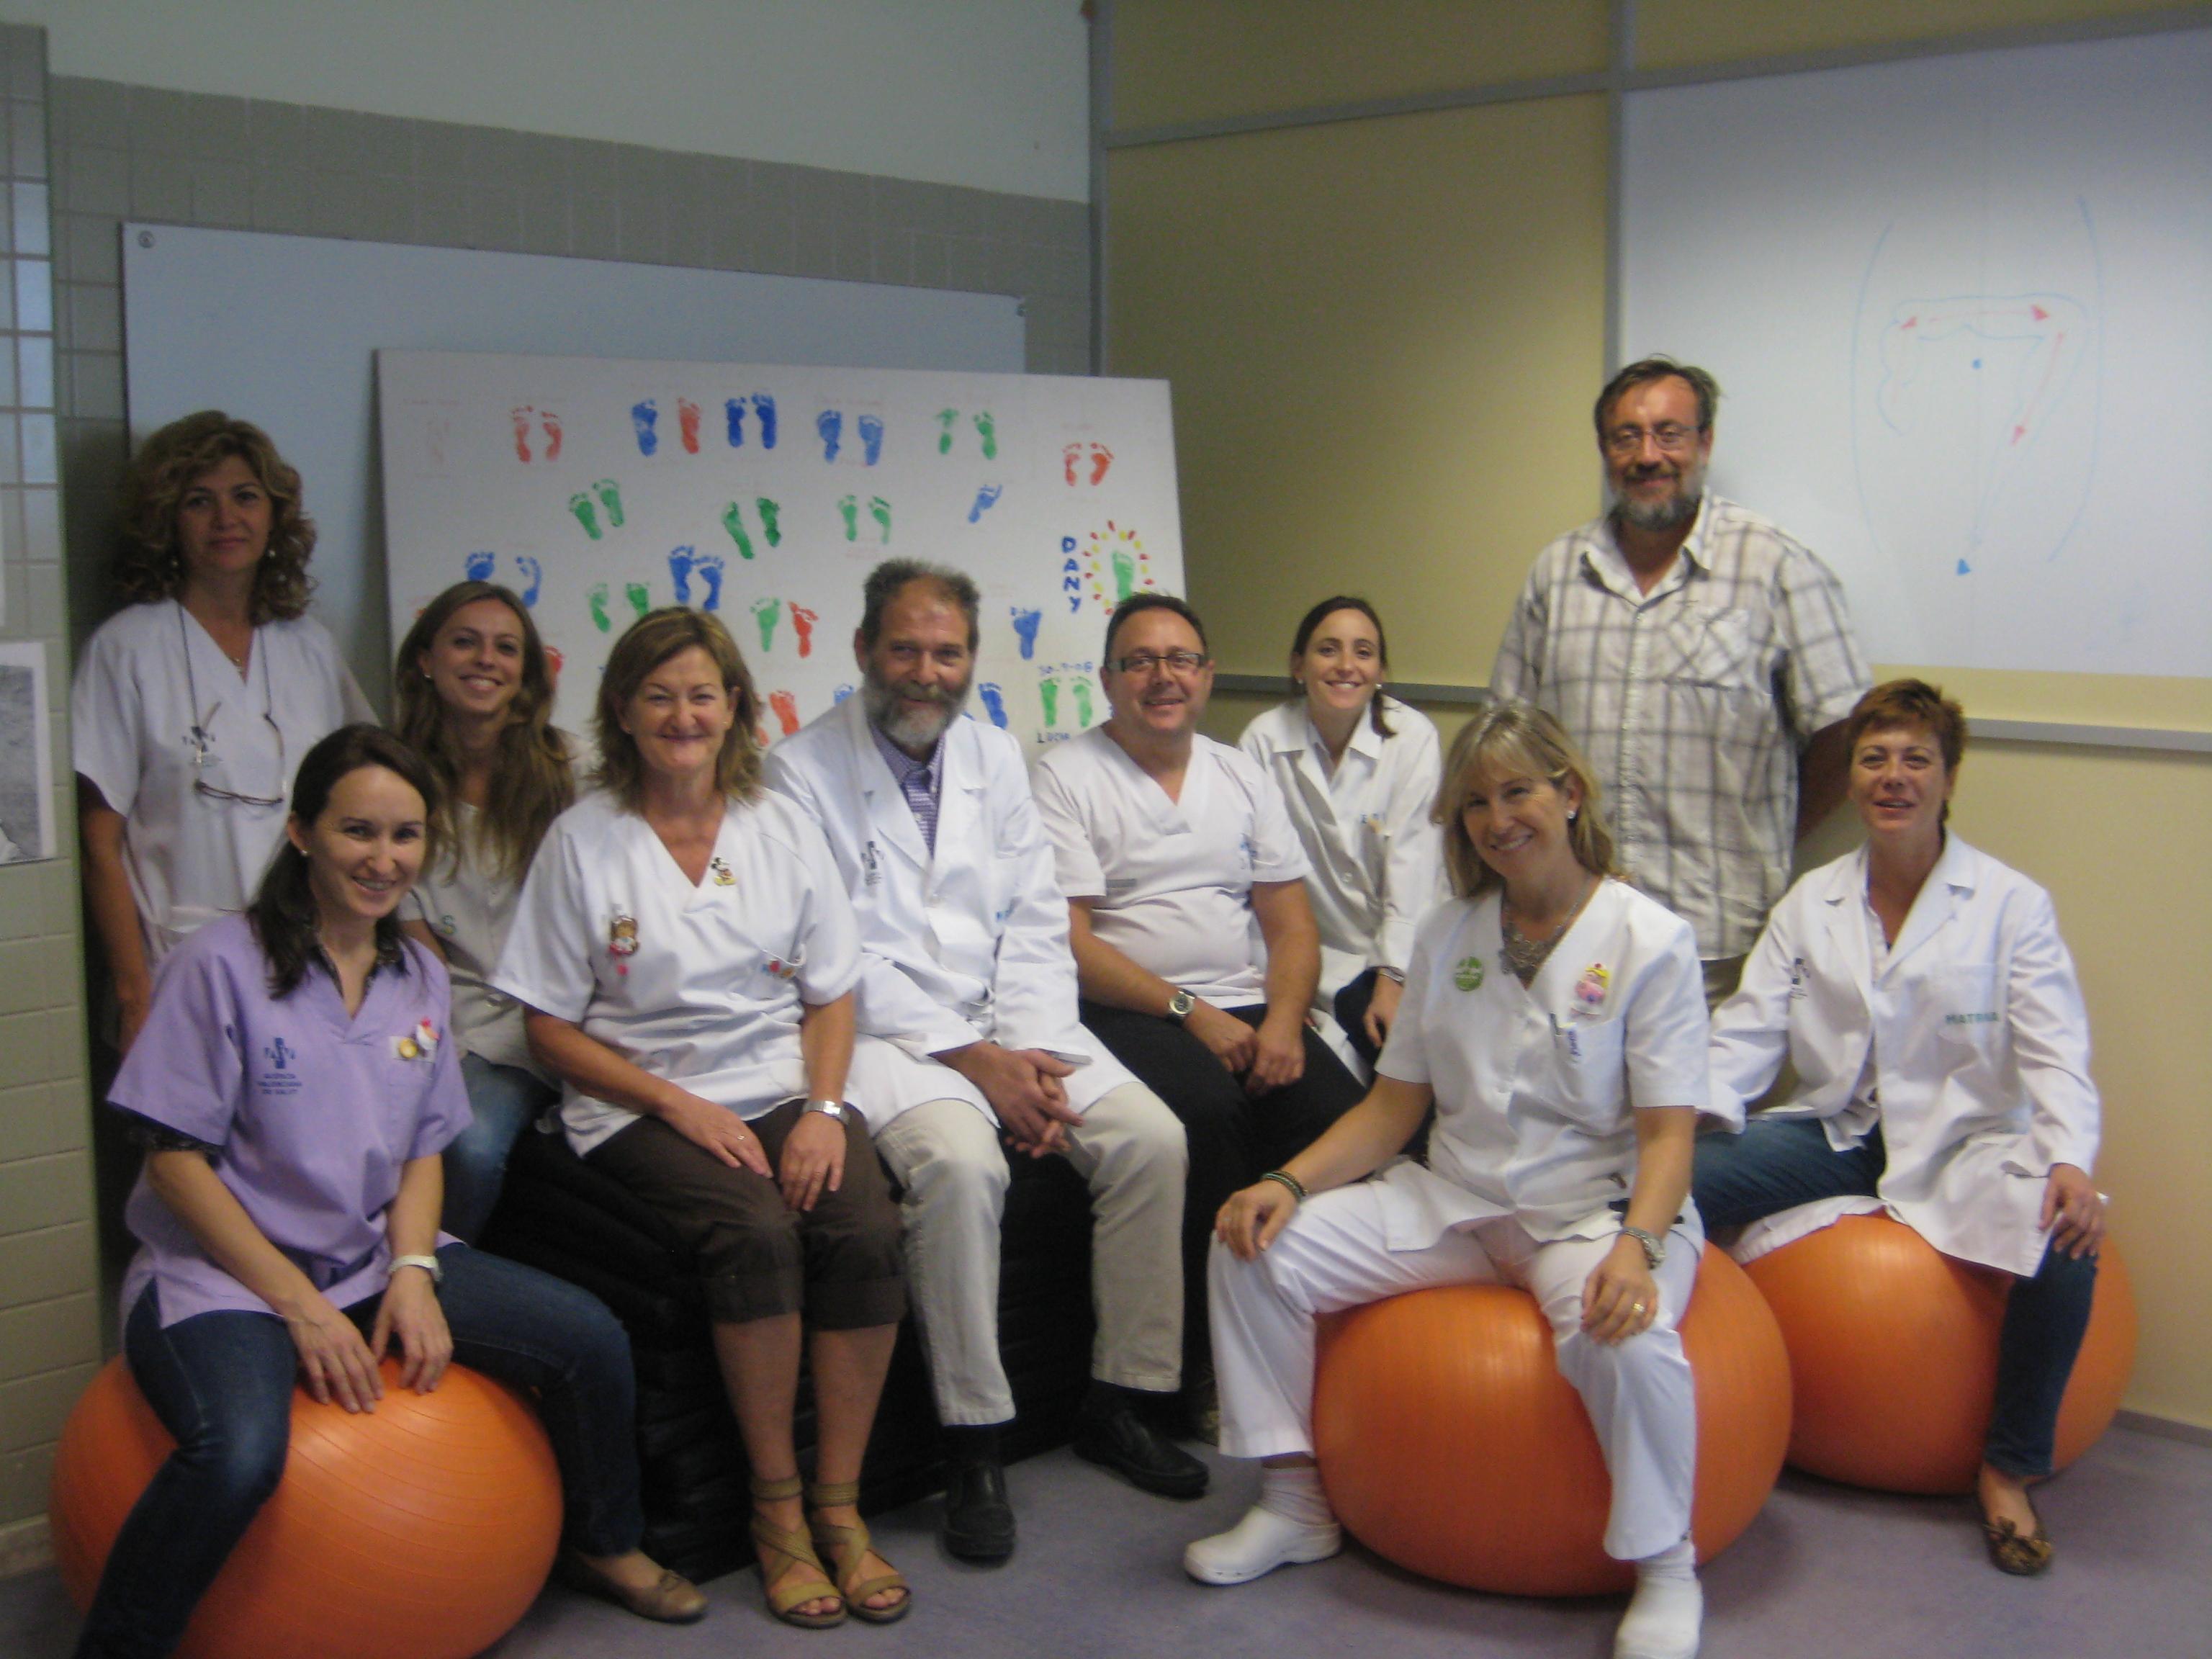 La comisión de apoyo a la lactancia materna en el Centro de Salud de Moncada.